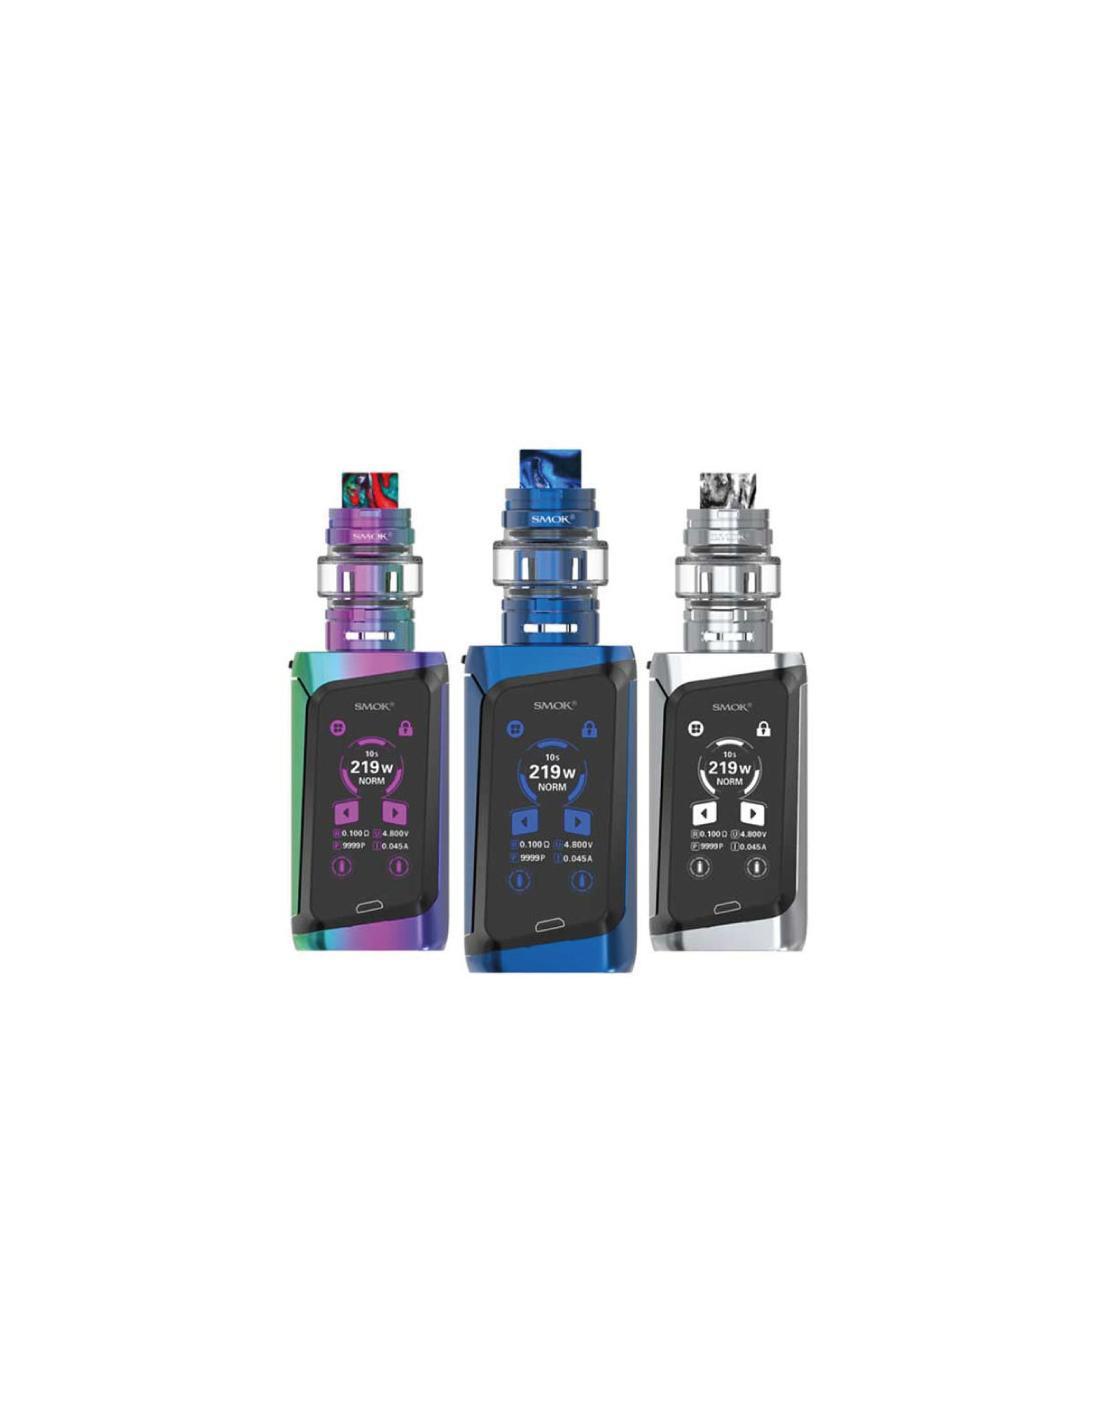 Smok Kit Morph 219 Sigaretta Elettronica Con Atomizzatore Tf2019 Da 6 Ml